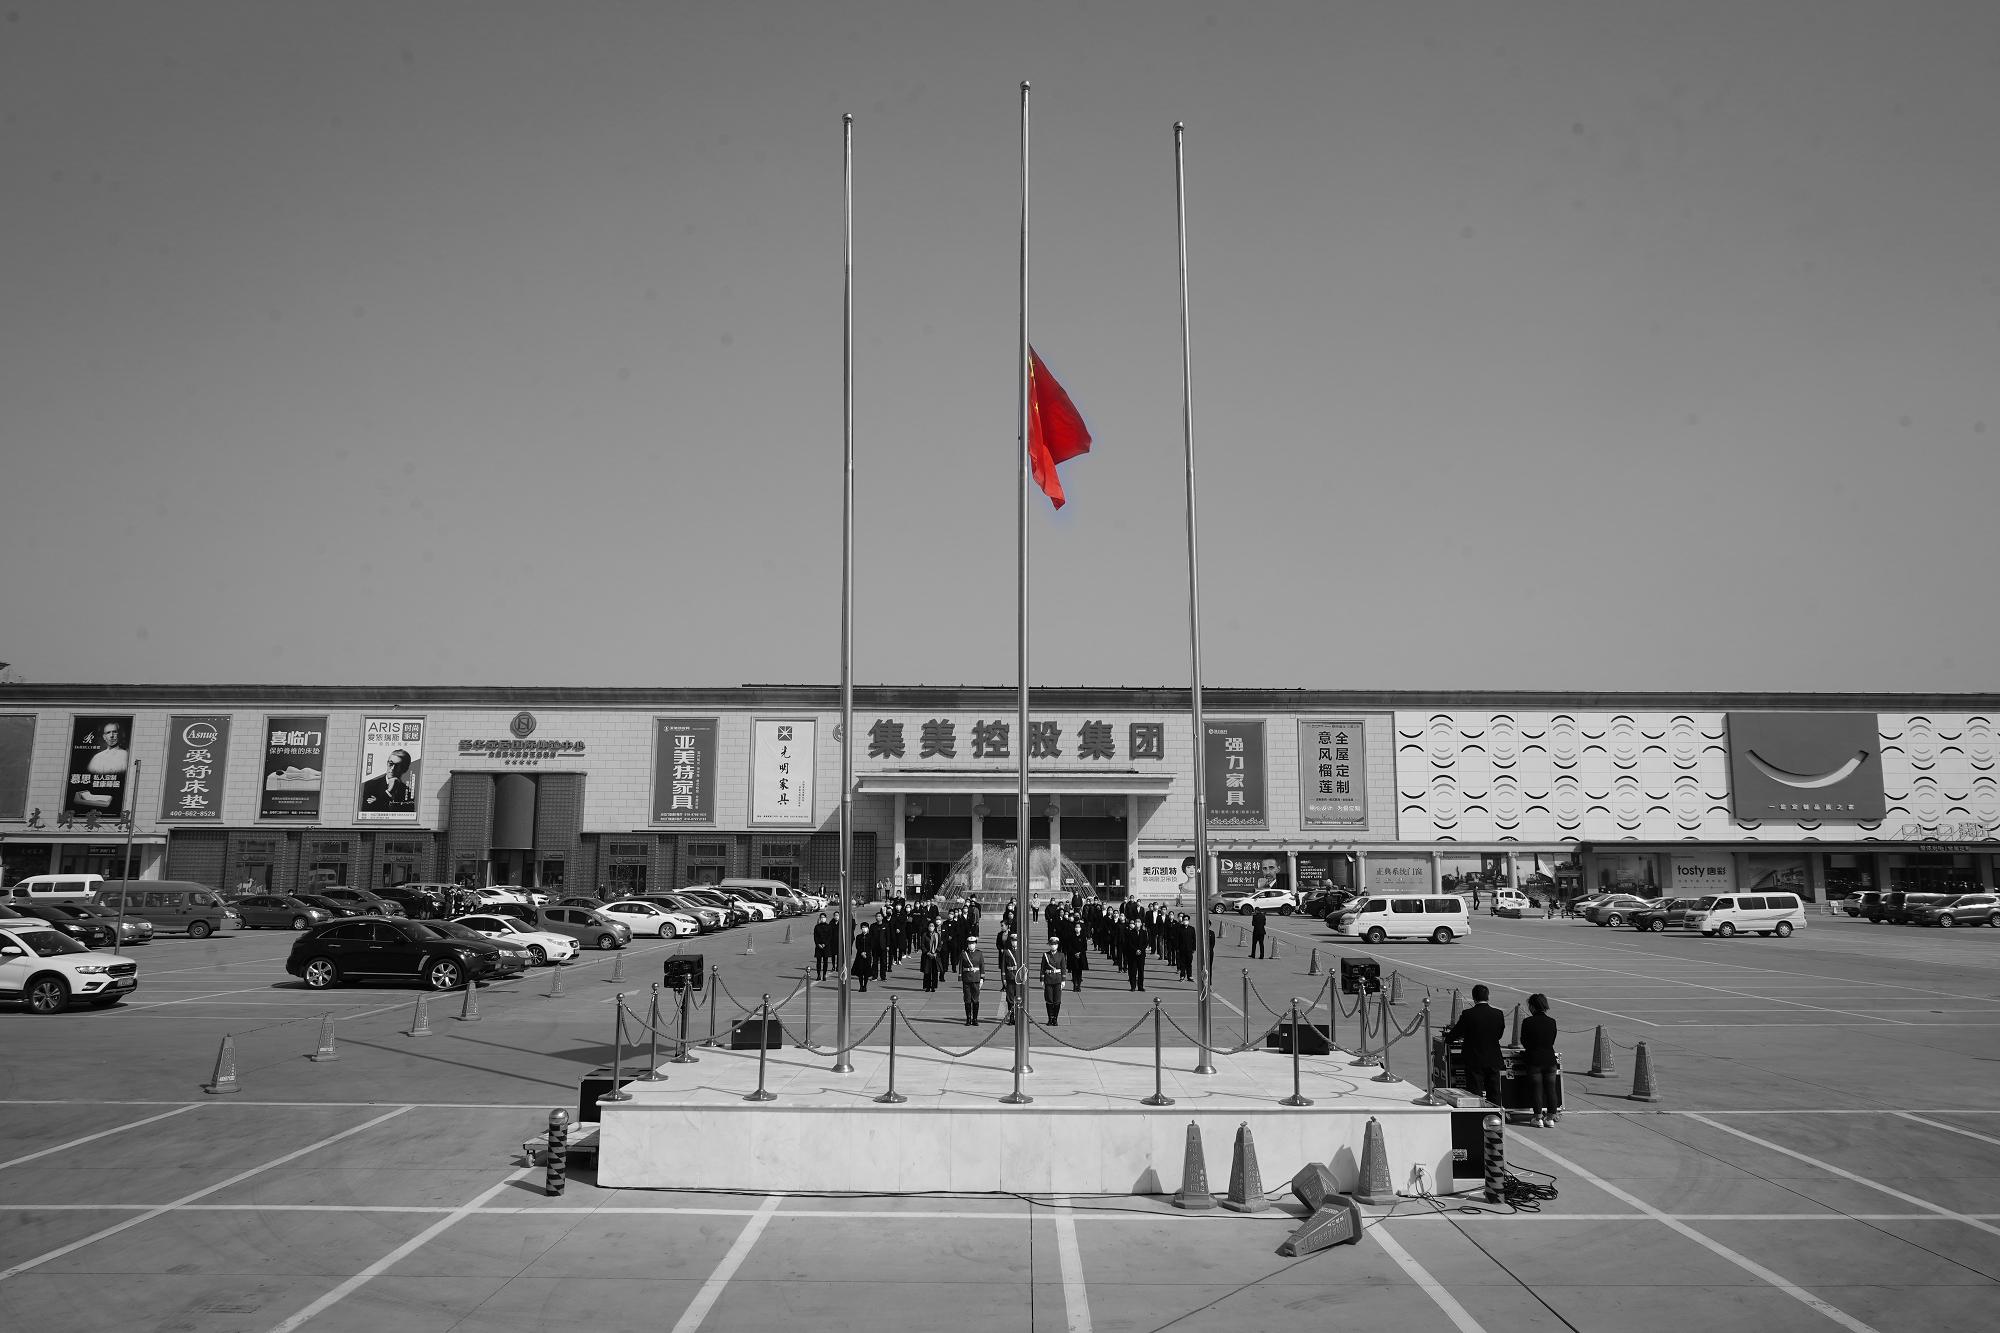 降半旗哀悼逝者,这个清明节将被永久铭记